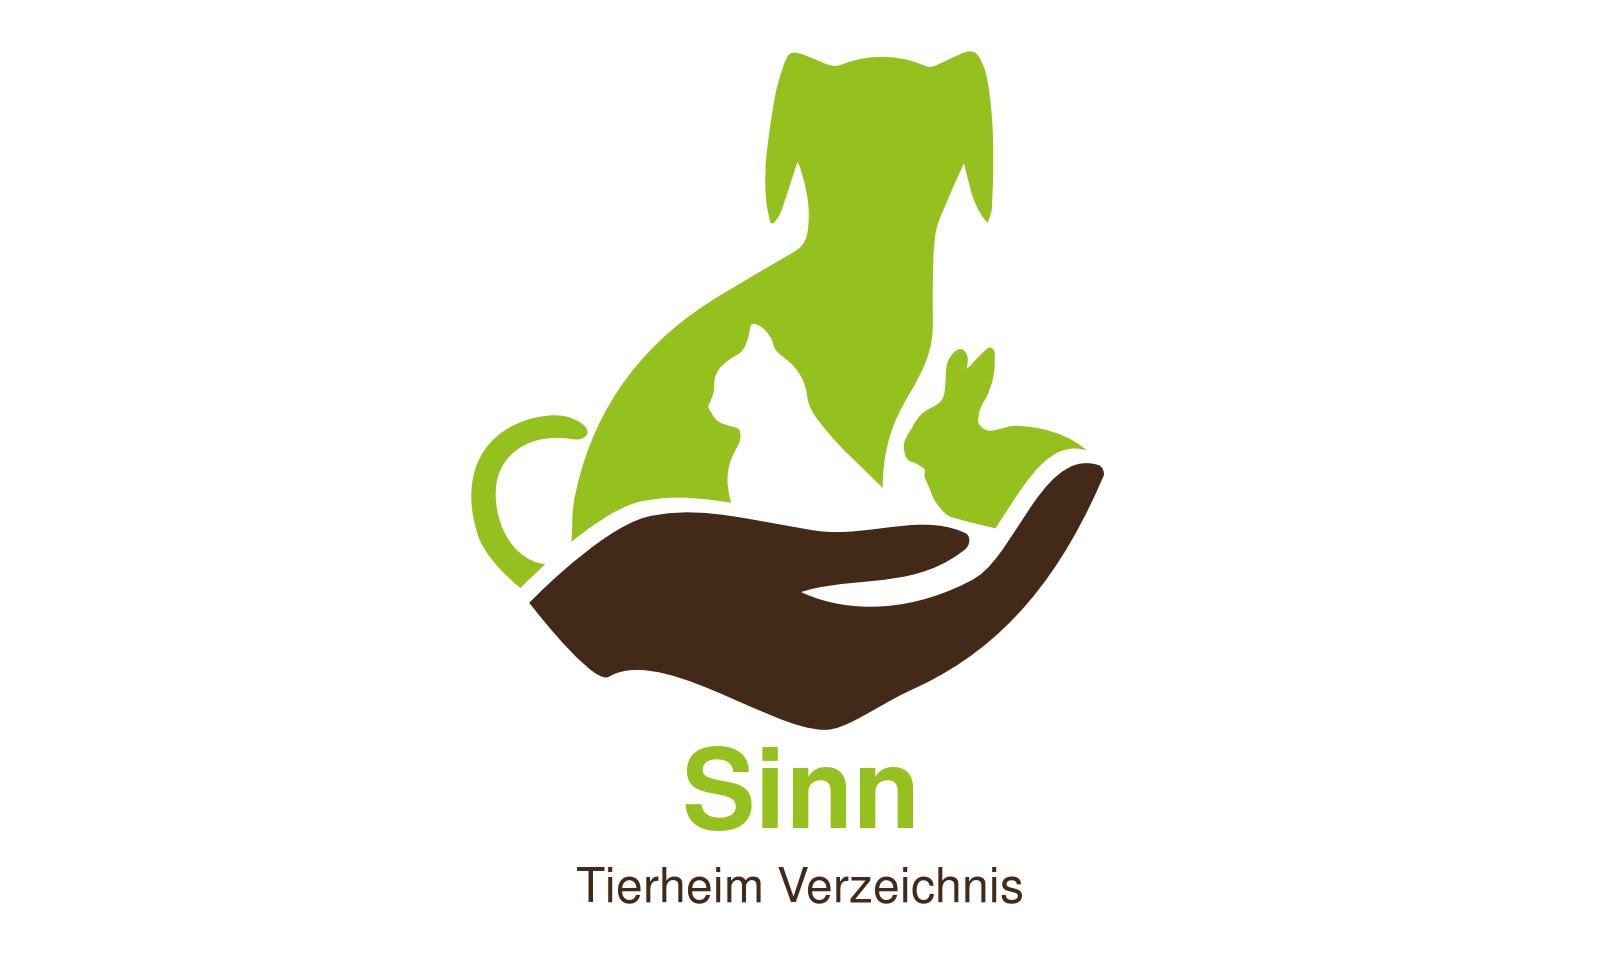 Tierheim Sinn